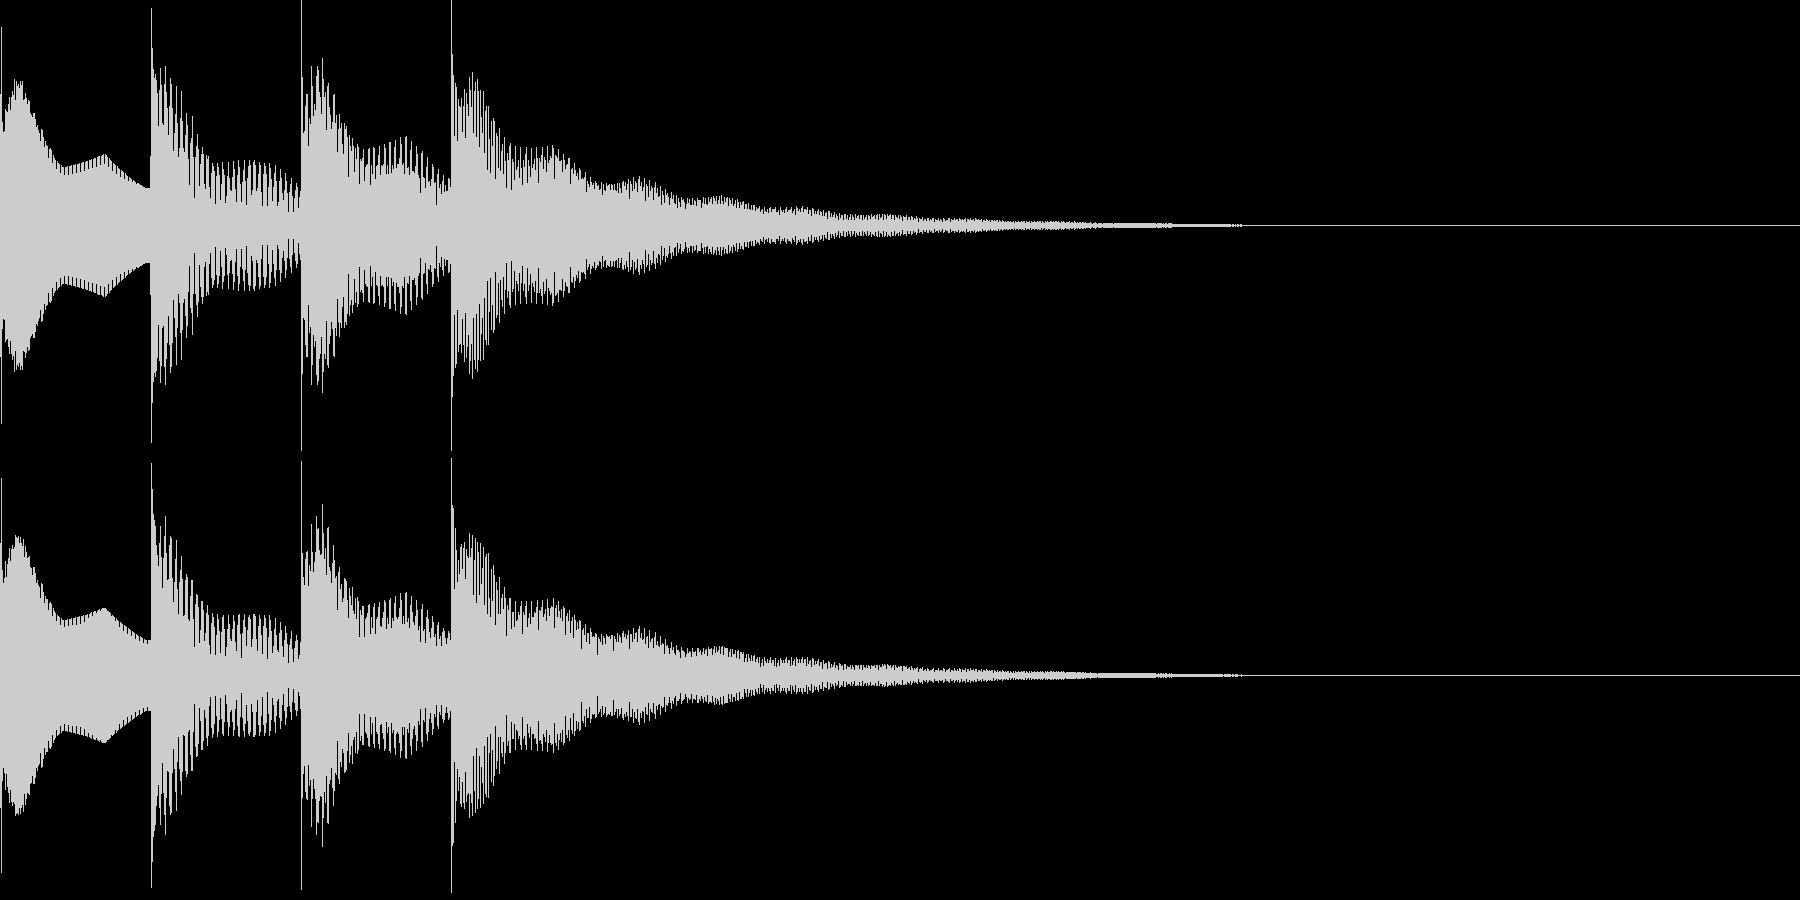 ピンポンパンポン上昇の未再生の波形